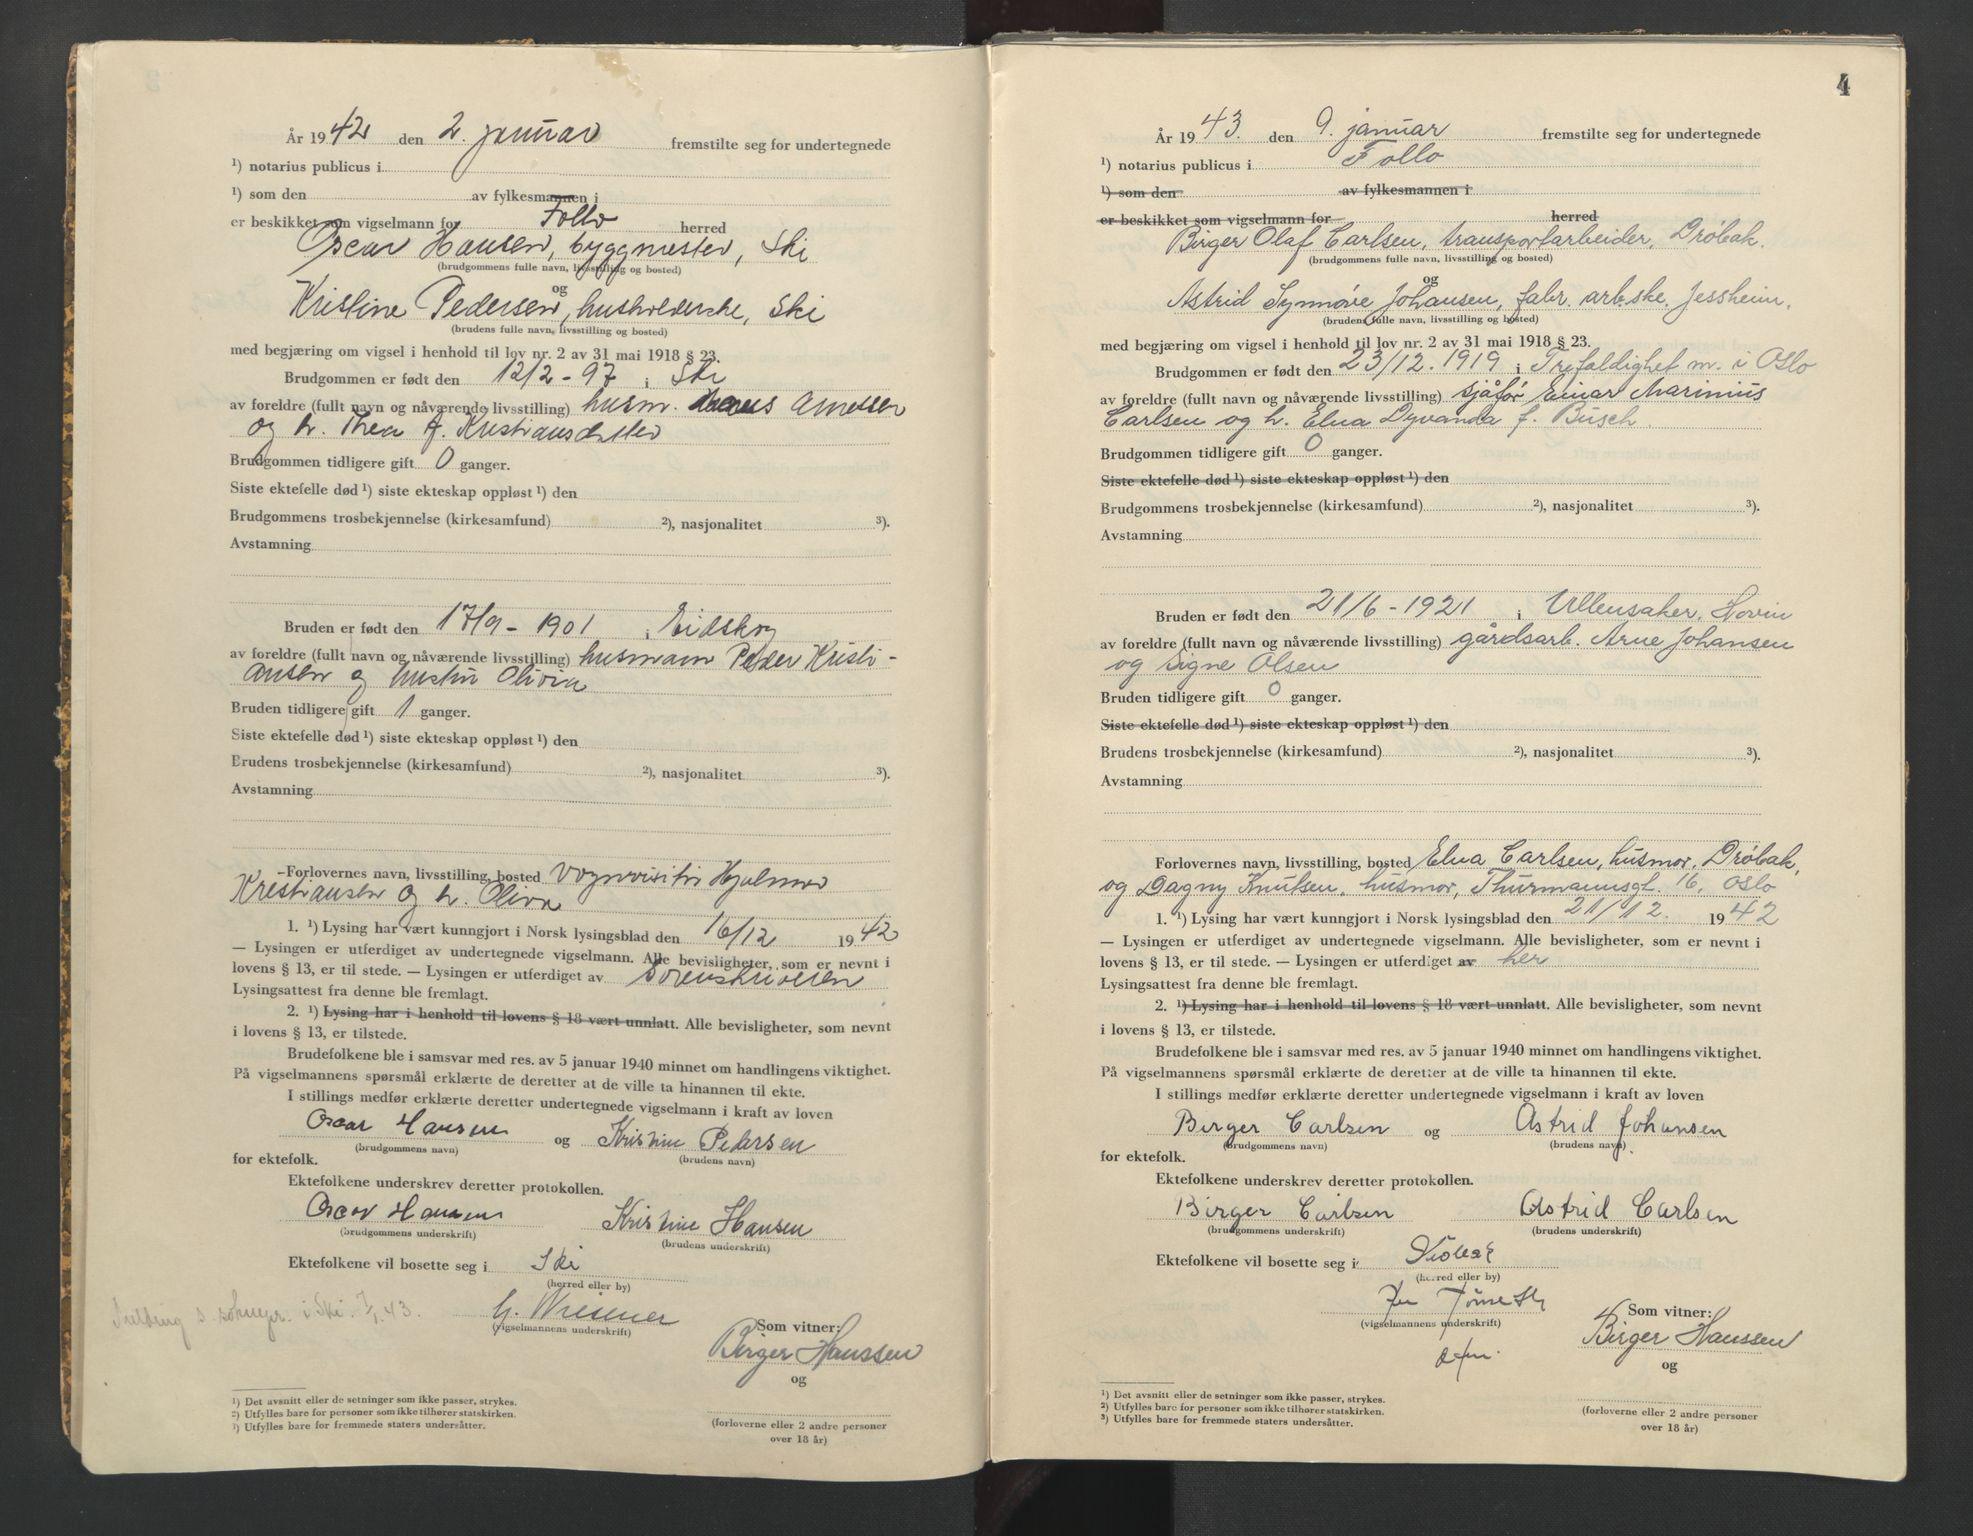 SAO, Follo sorenskriveri, L/La/Lab/L0002: Vigselsbok, 1942-1946, s. 4